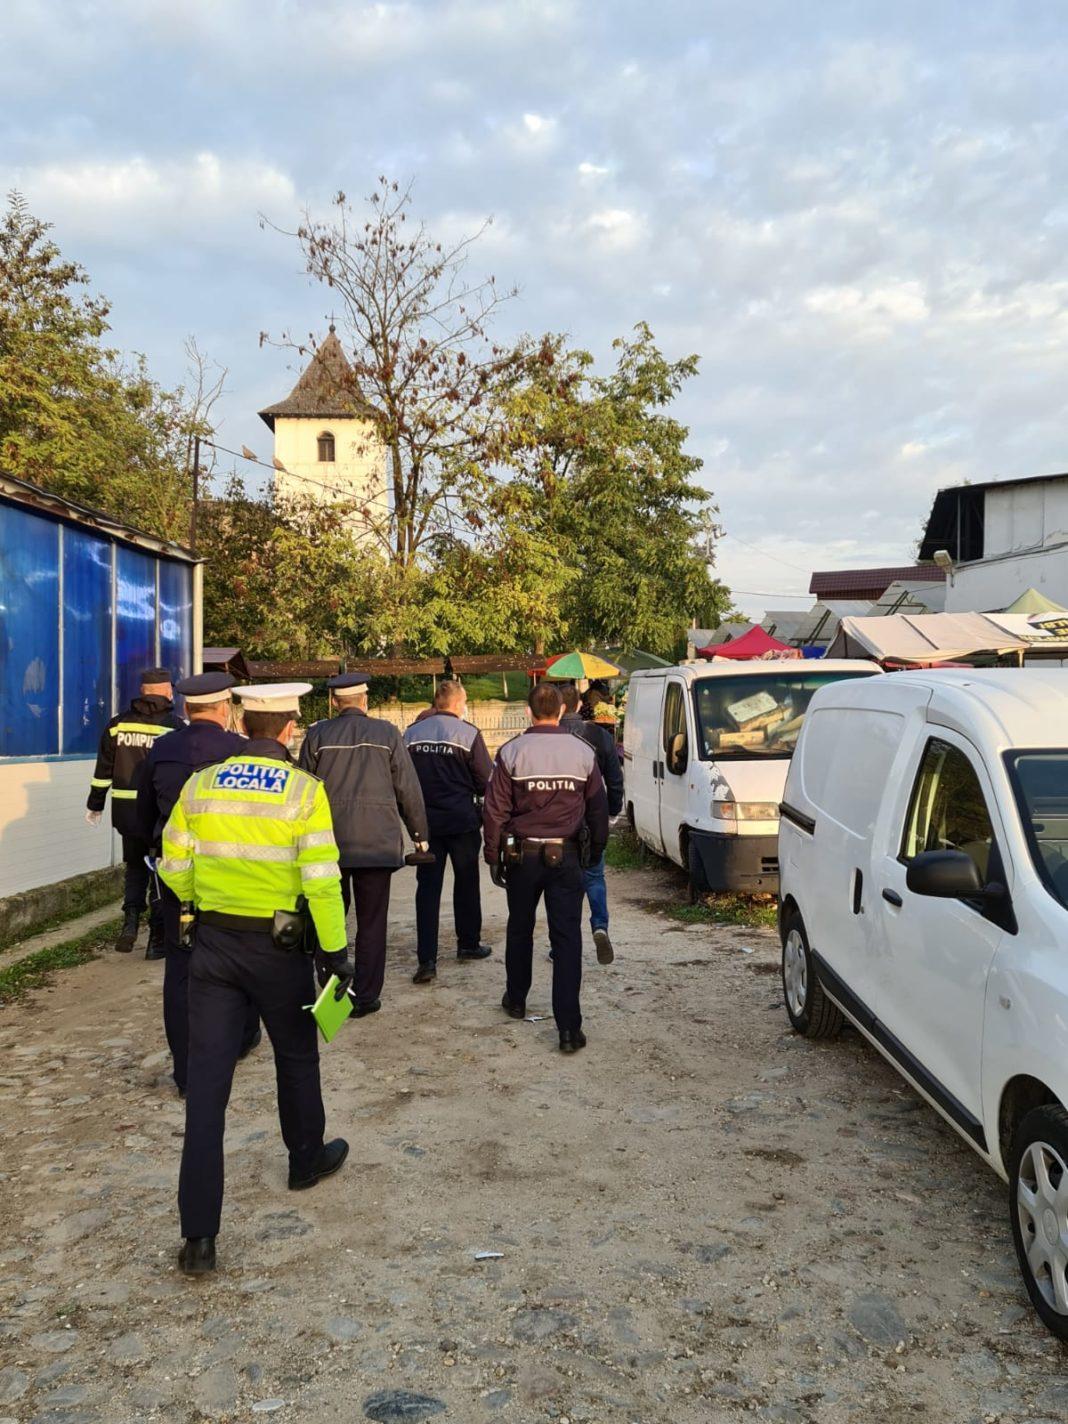 Polițiștii Secției Rurală Șimian s-au sesizat din oficiu cu privire la faptul că, pe raza localității se afla în derulare un eveniment privat cu participarea mai multor persoane